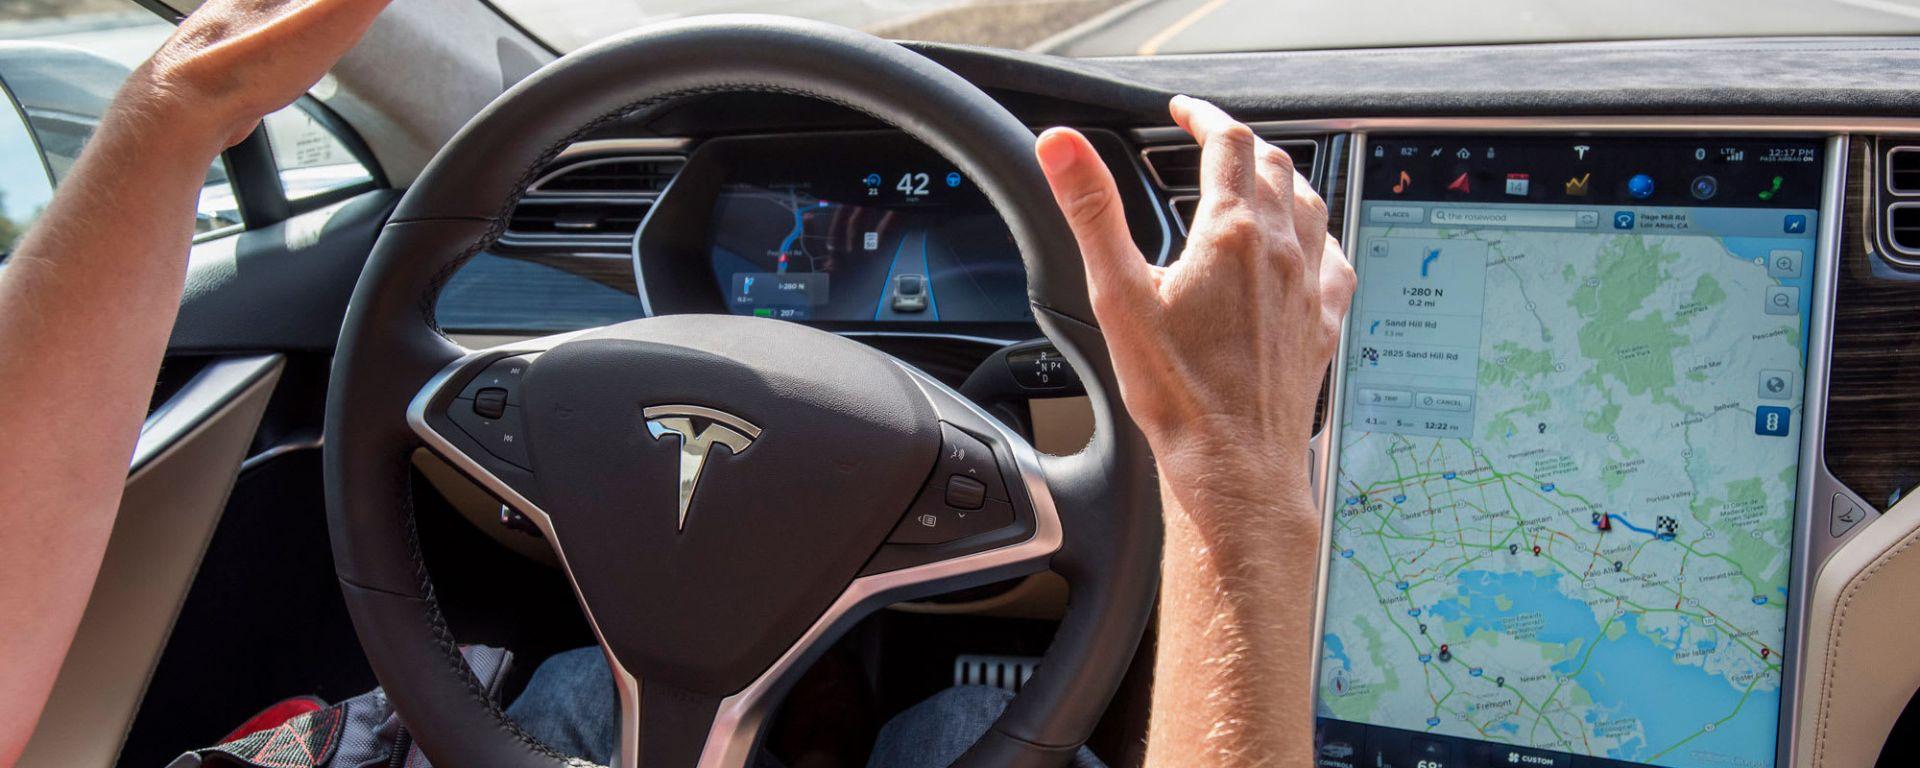 Come fregare Tesla con il nastro adesivo